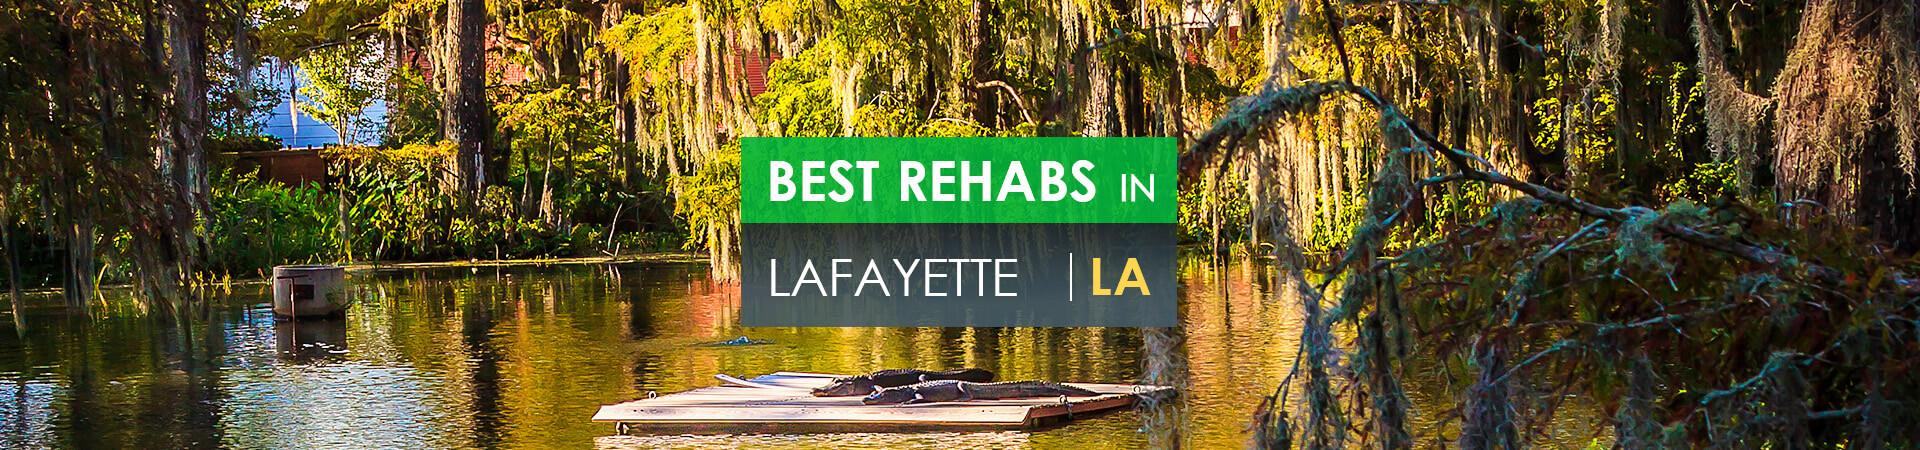 Best rehabs in Lafayette, LA